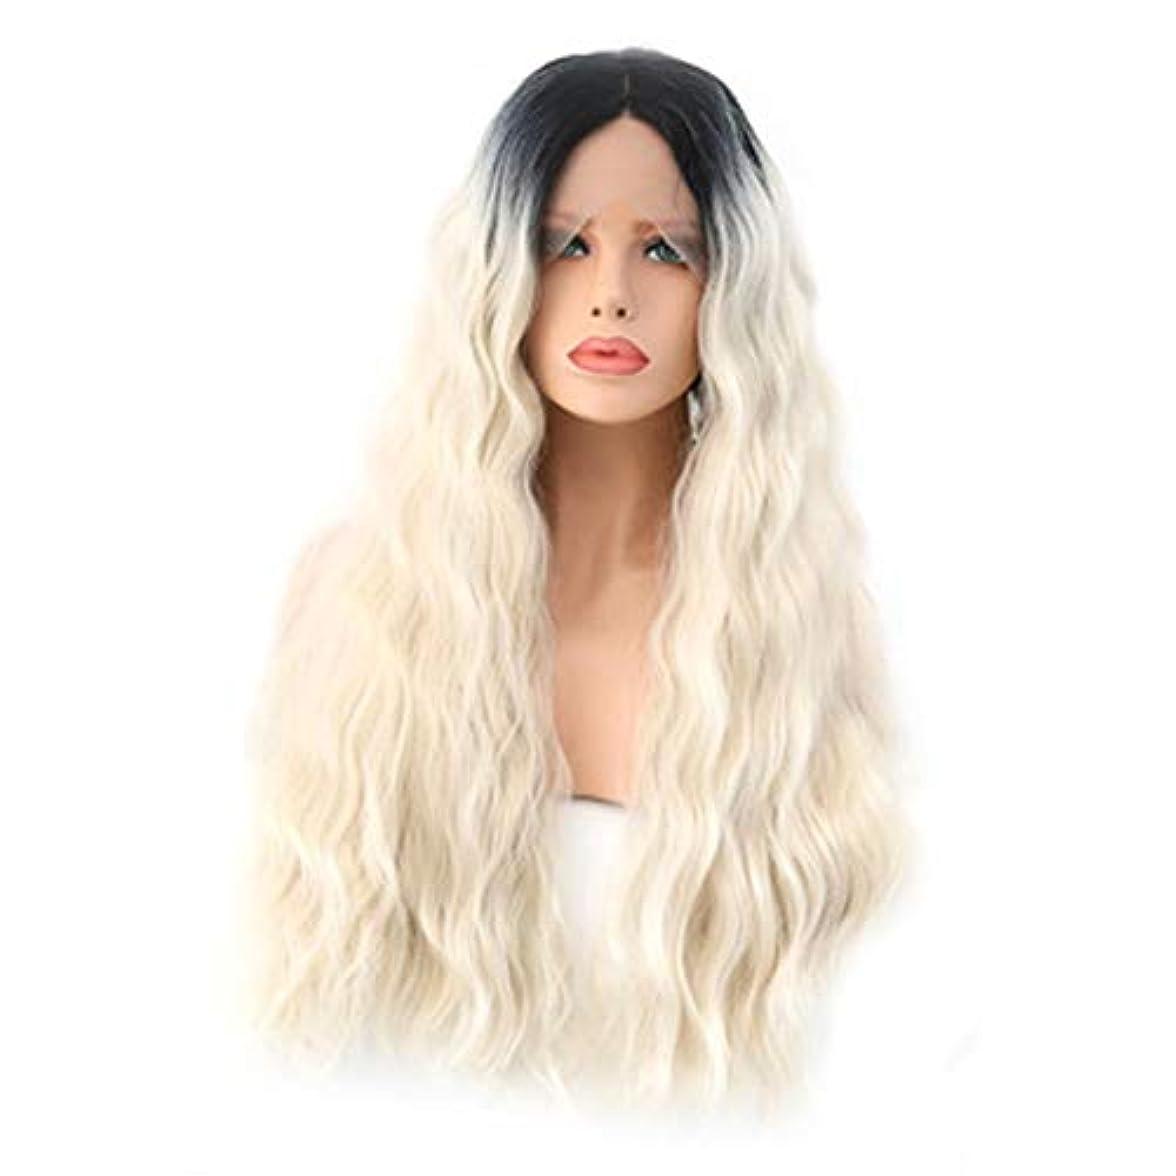 通信網受け入れたフラフープヘアピース 女性のファッションの長い巻き毛のグラデーション色は化学繊維のかつらを染めることができます